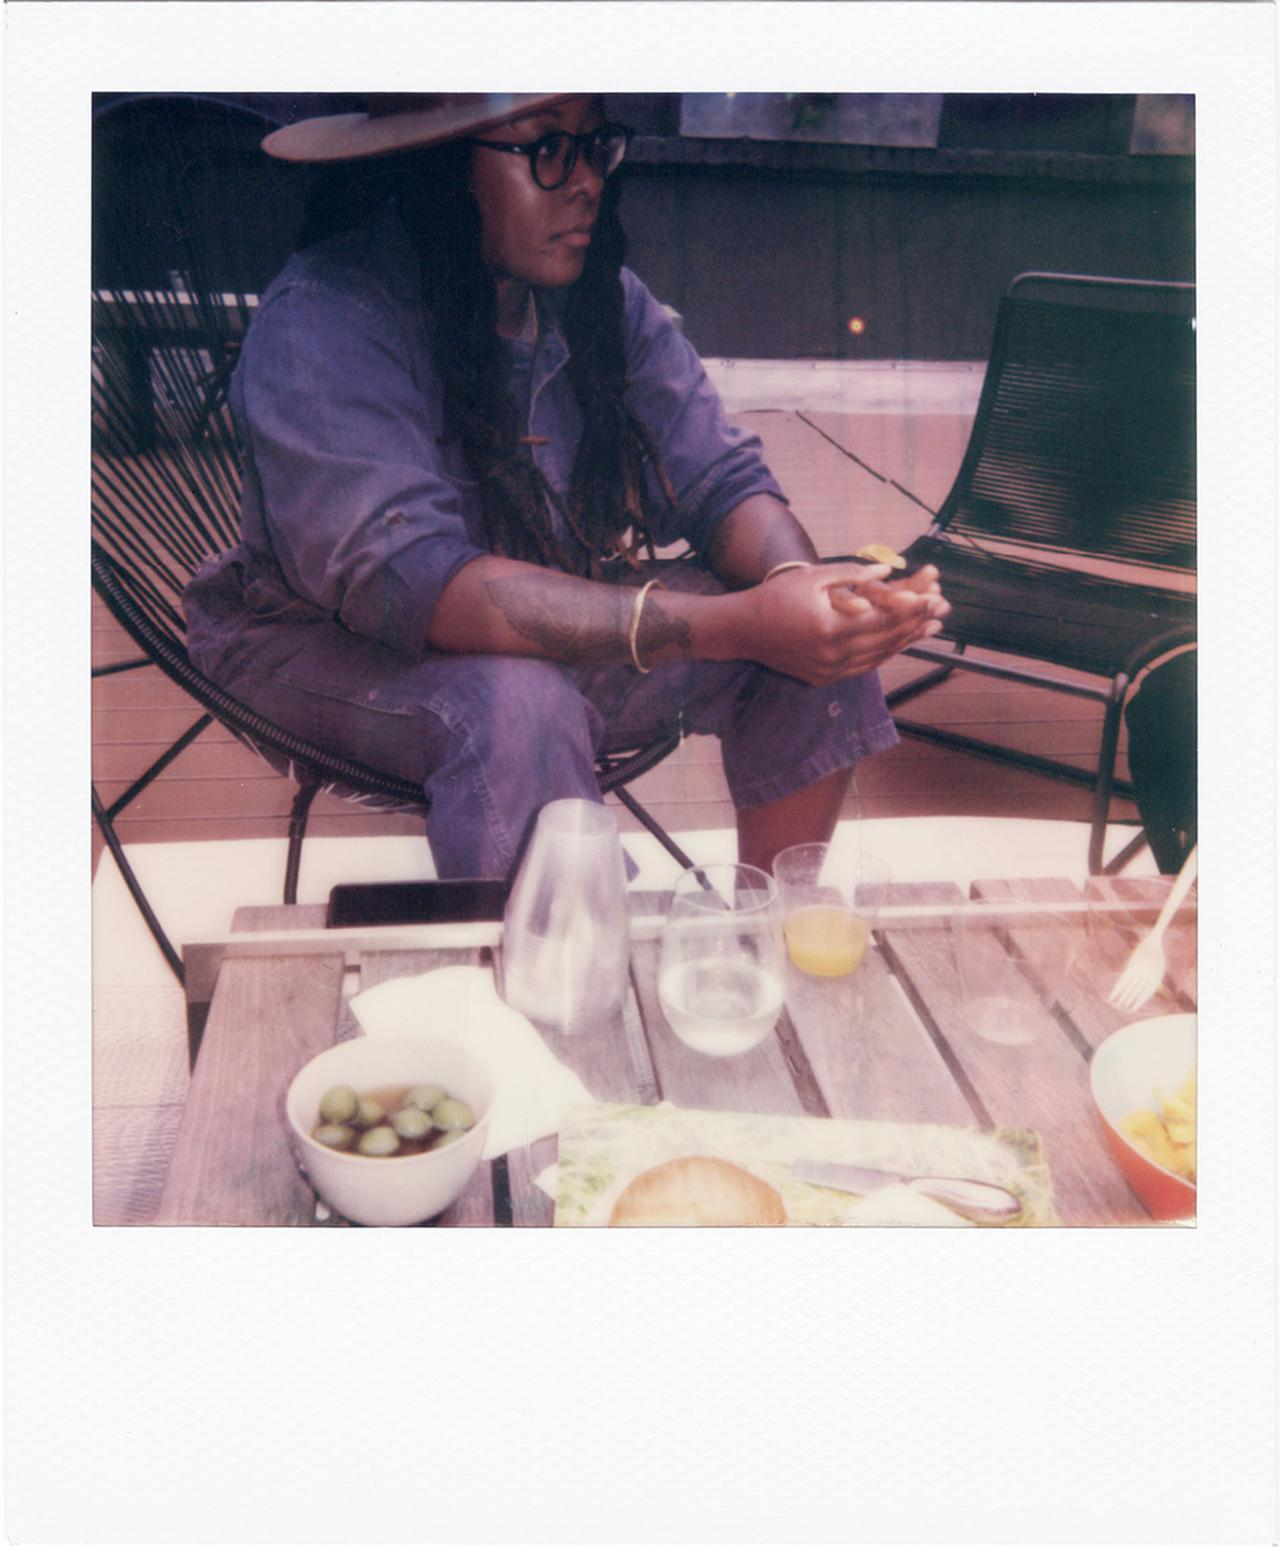 Images : 6番目の画像 - 「ポラロイド写真で綴る ミカリーン・トーマスの一週間」のアルバム - T JAPAN:The New York Times Style Magazine 公式サイト